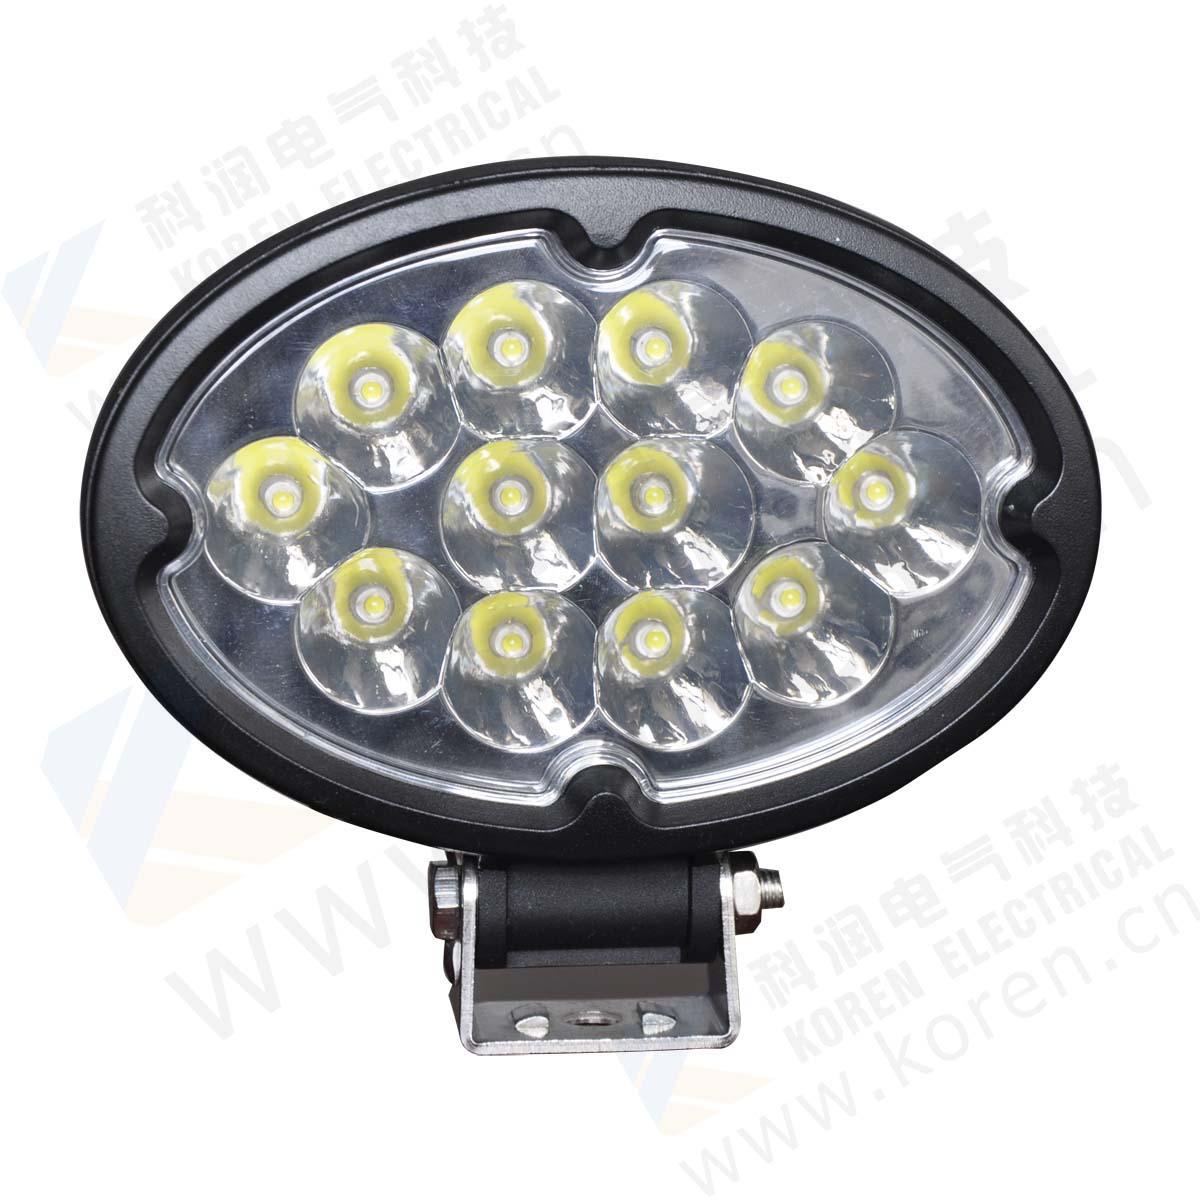 美国科瑞CREE灯珠LED工程工作灯越野车射灯汽车辅助灯车顶灯36W